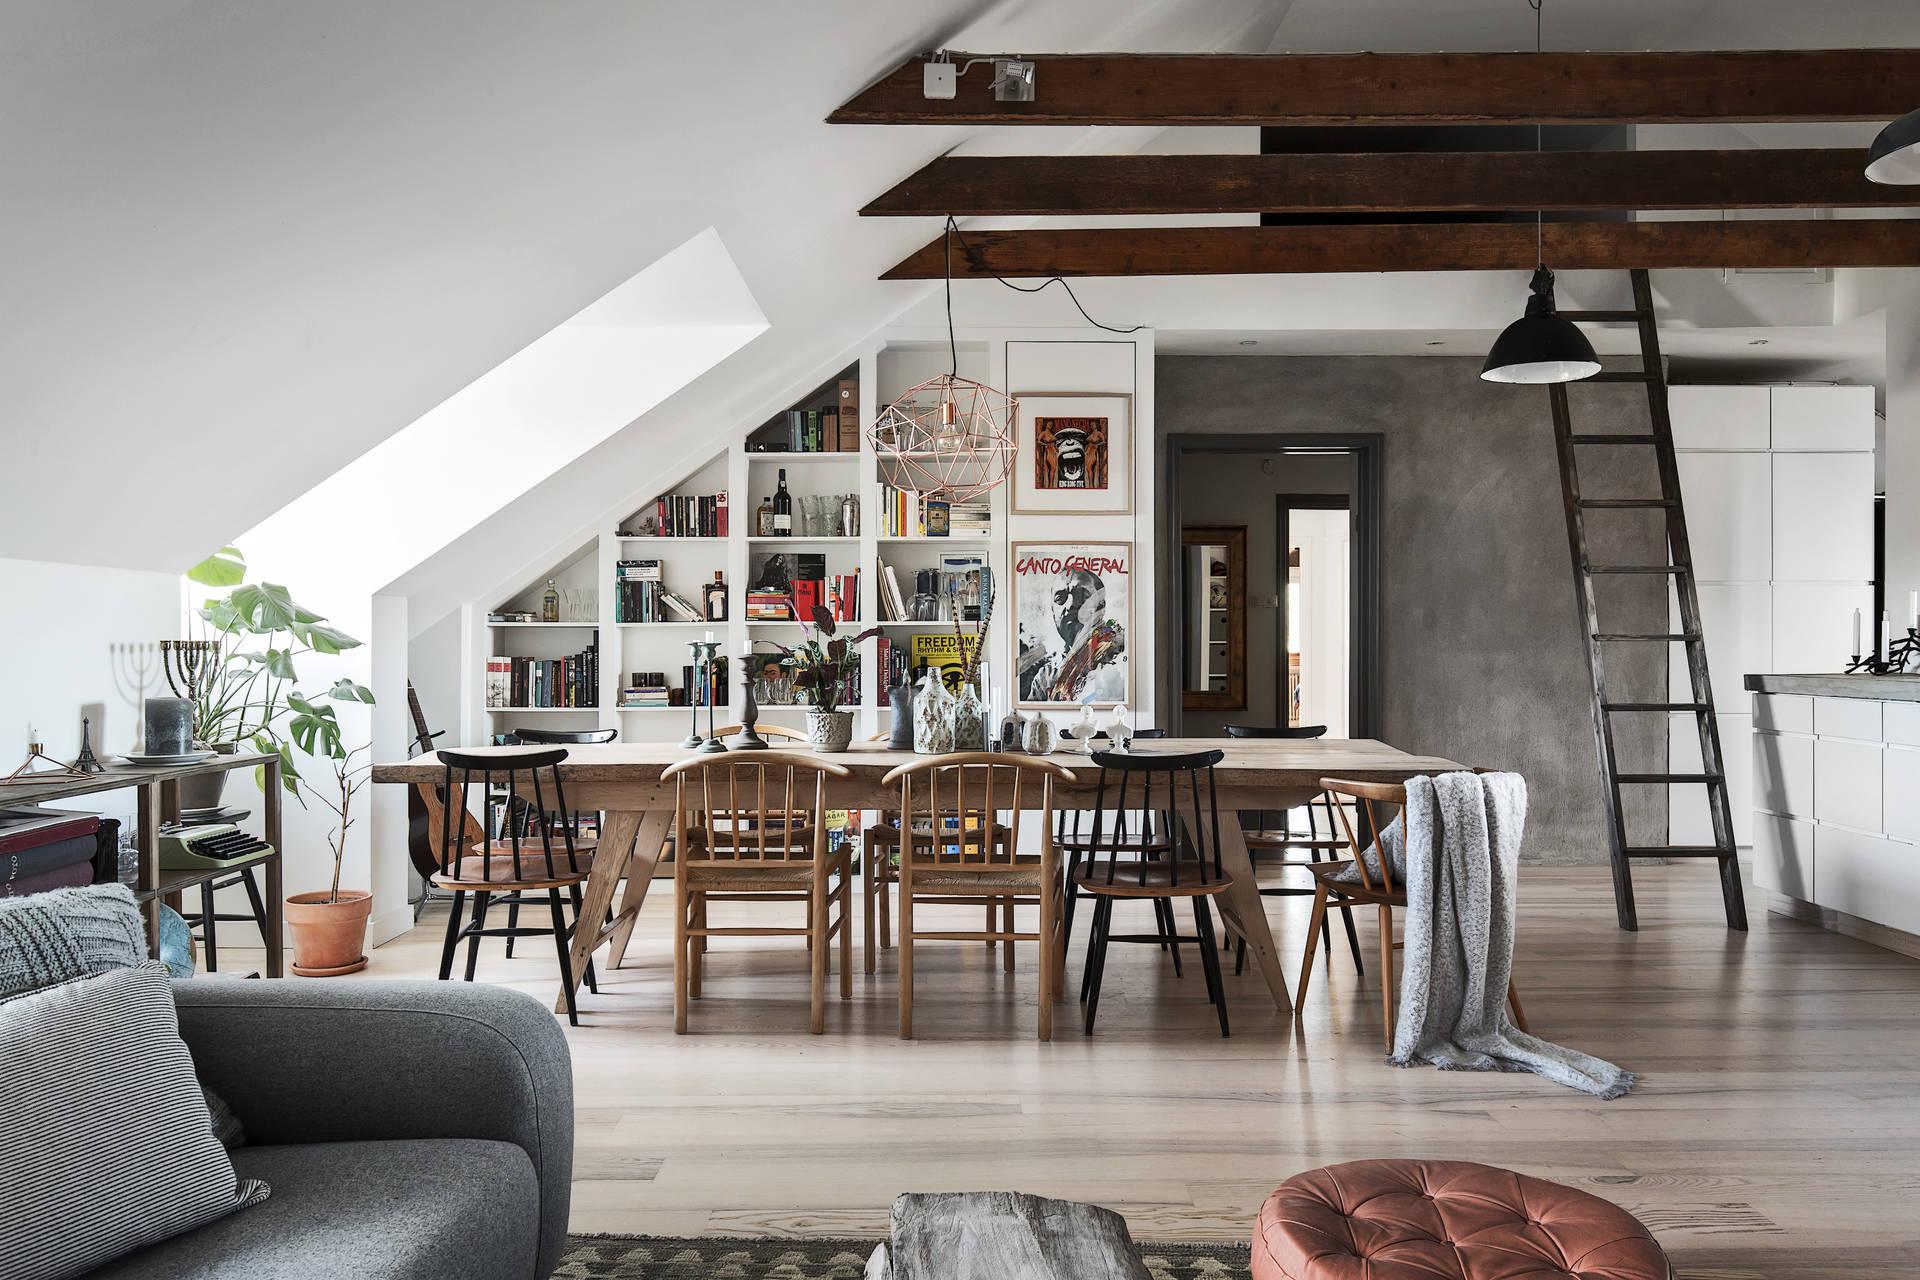 гостиная столовая лестница стол стулья стеллаж высокий потолок балки мансарда